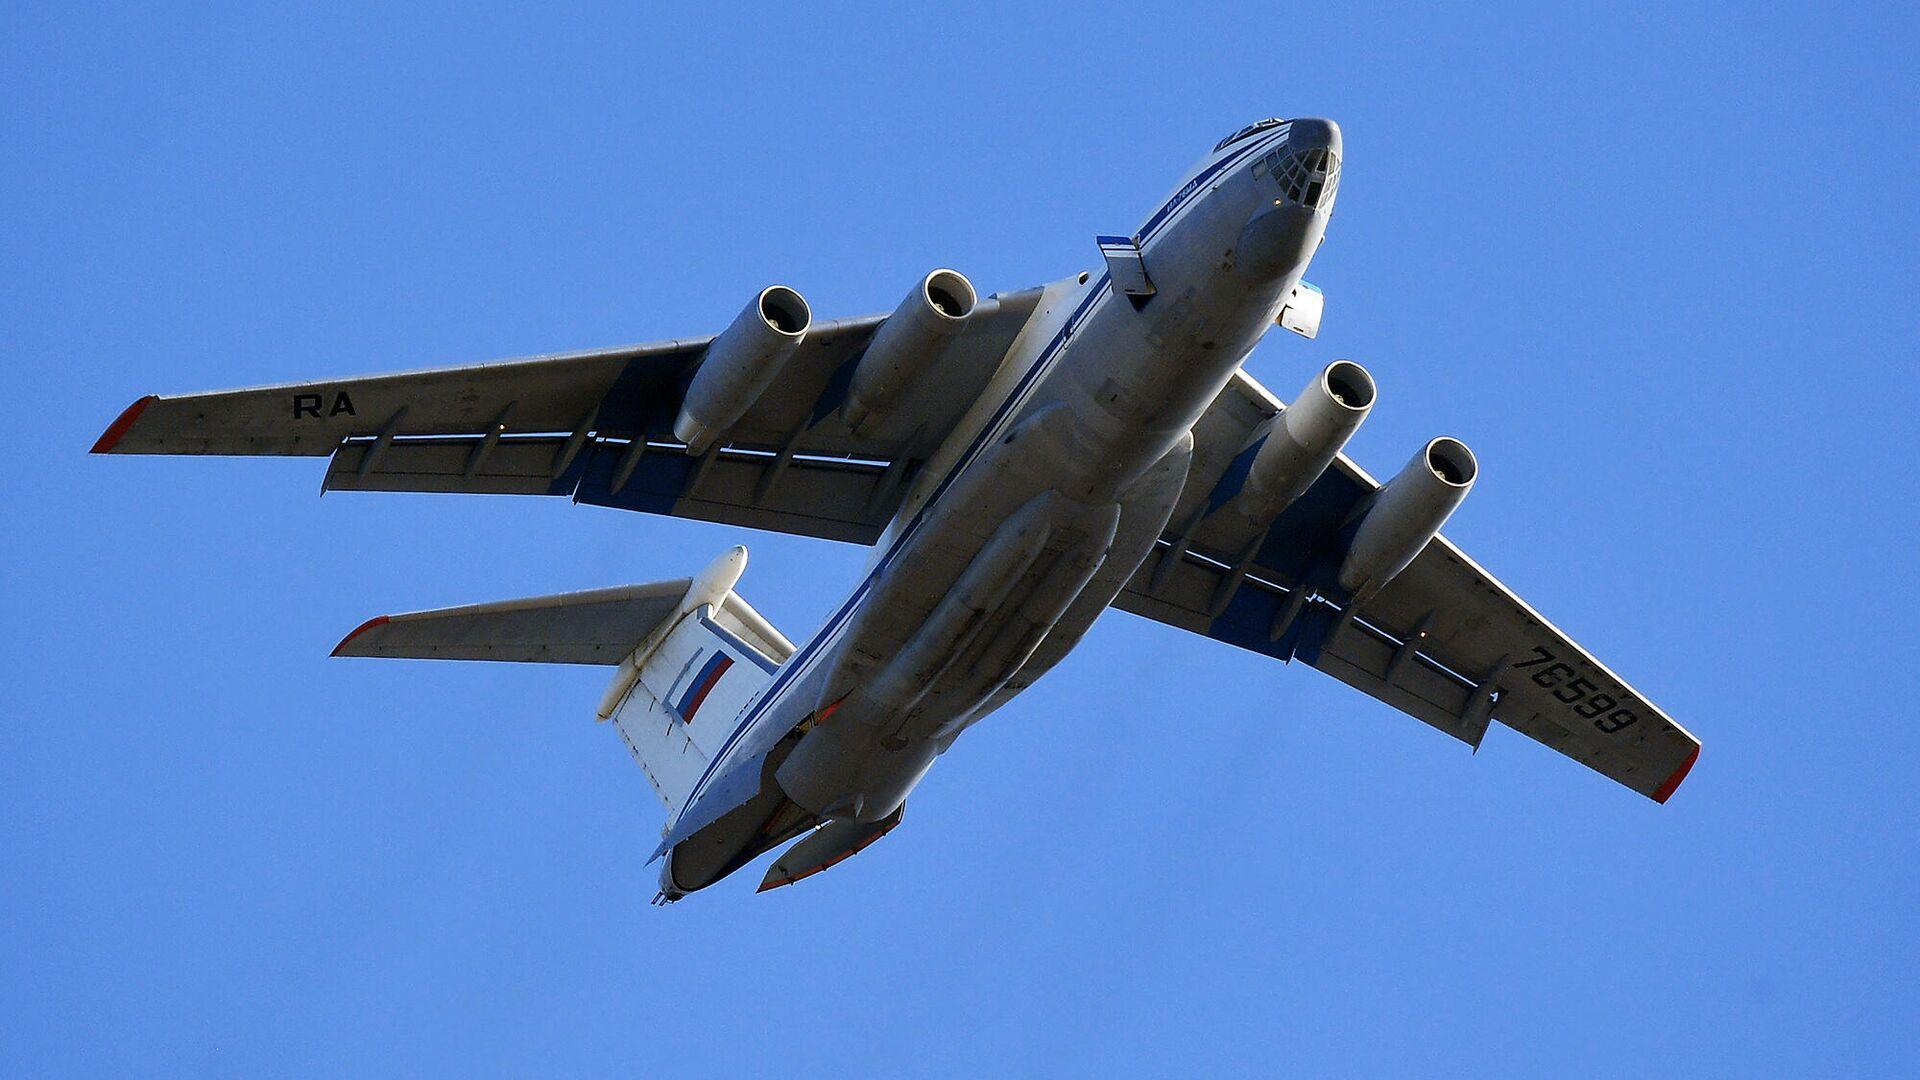 Тяжёлый военно-транспортный самолёт Ил-76 - РИА Новости, 1920, 25.09.2020